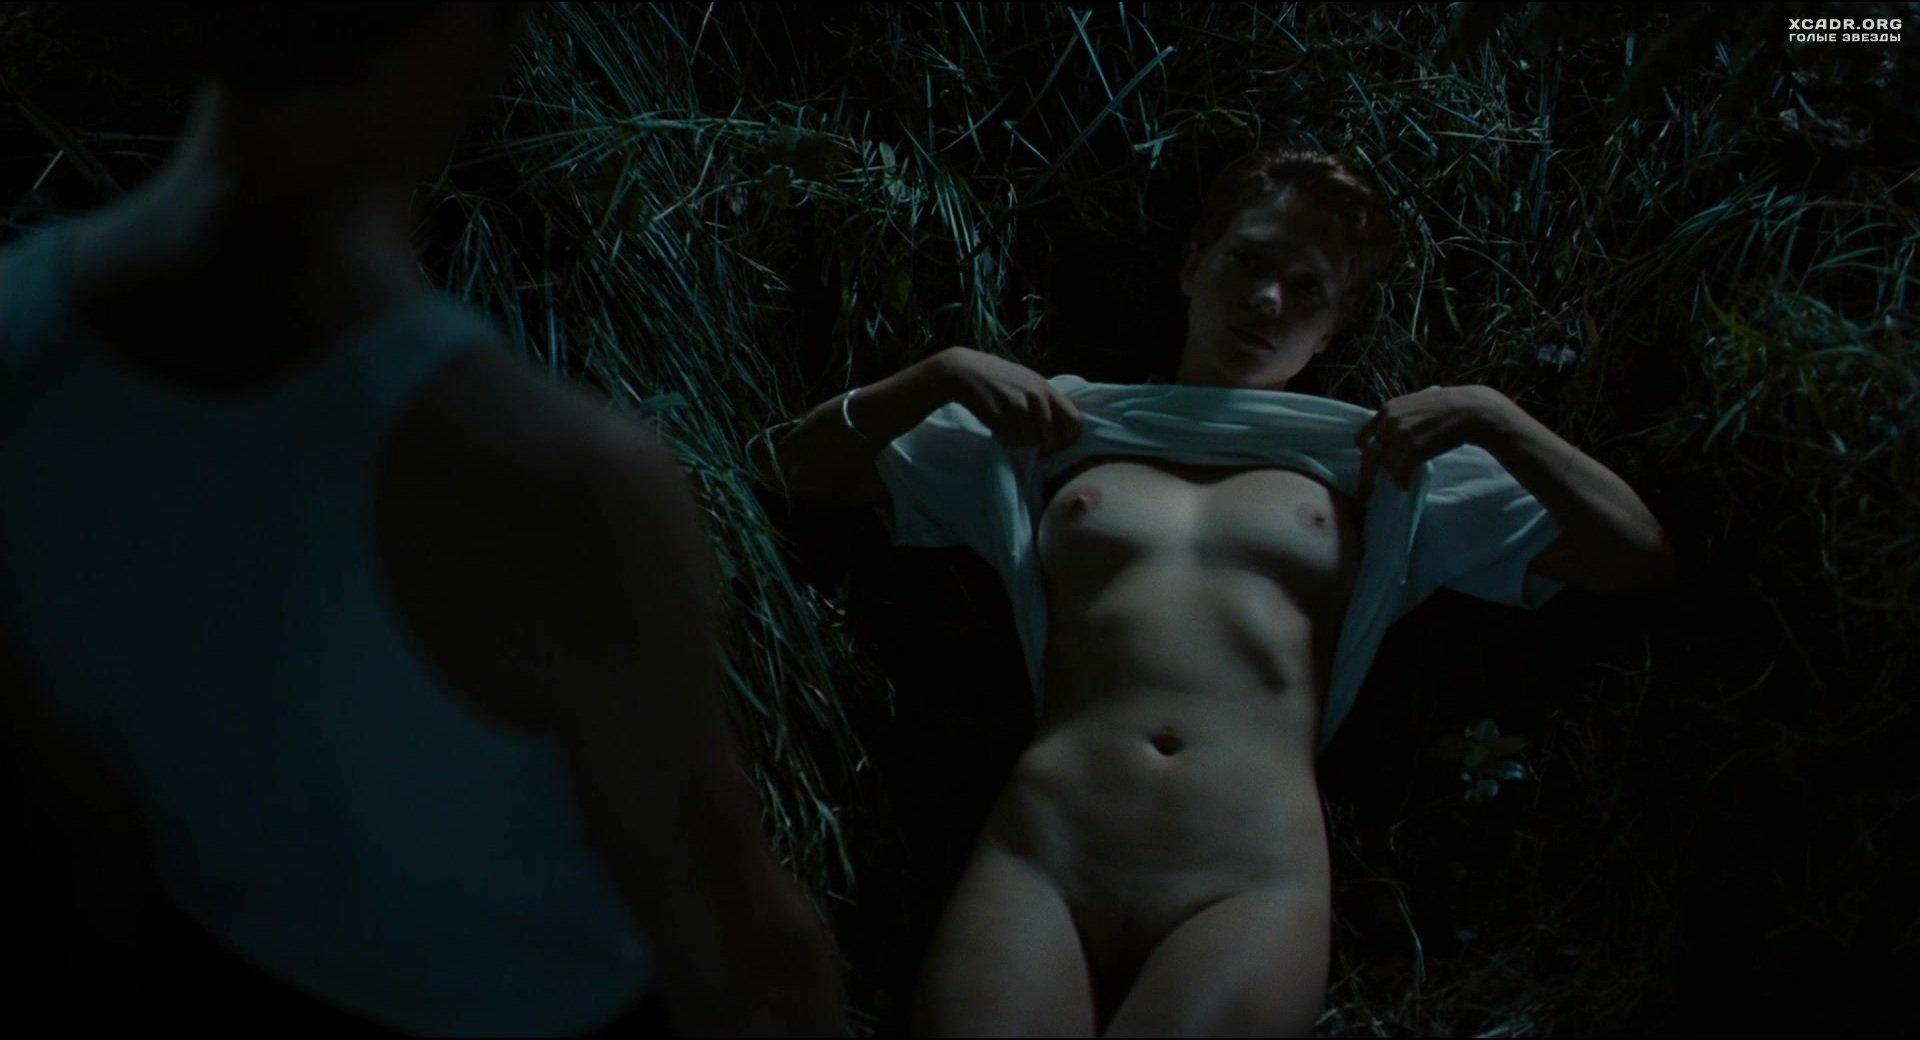 udobniy-matras-dlya-zanyatiy-seksom